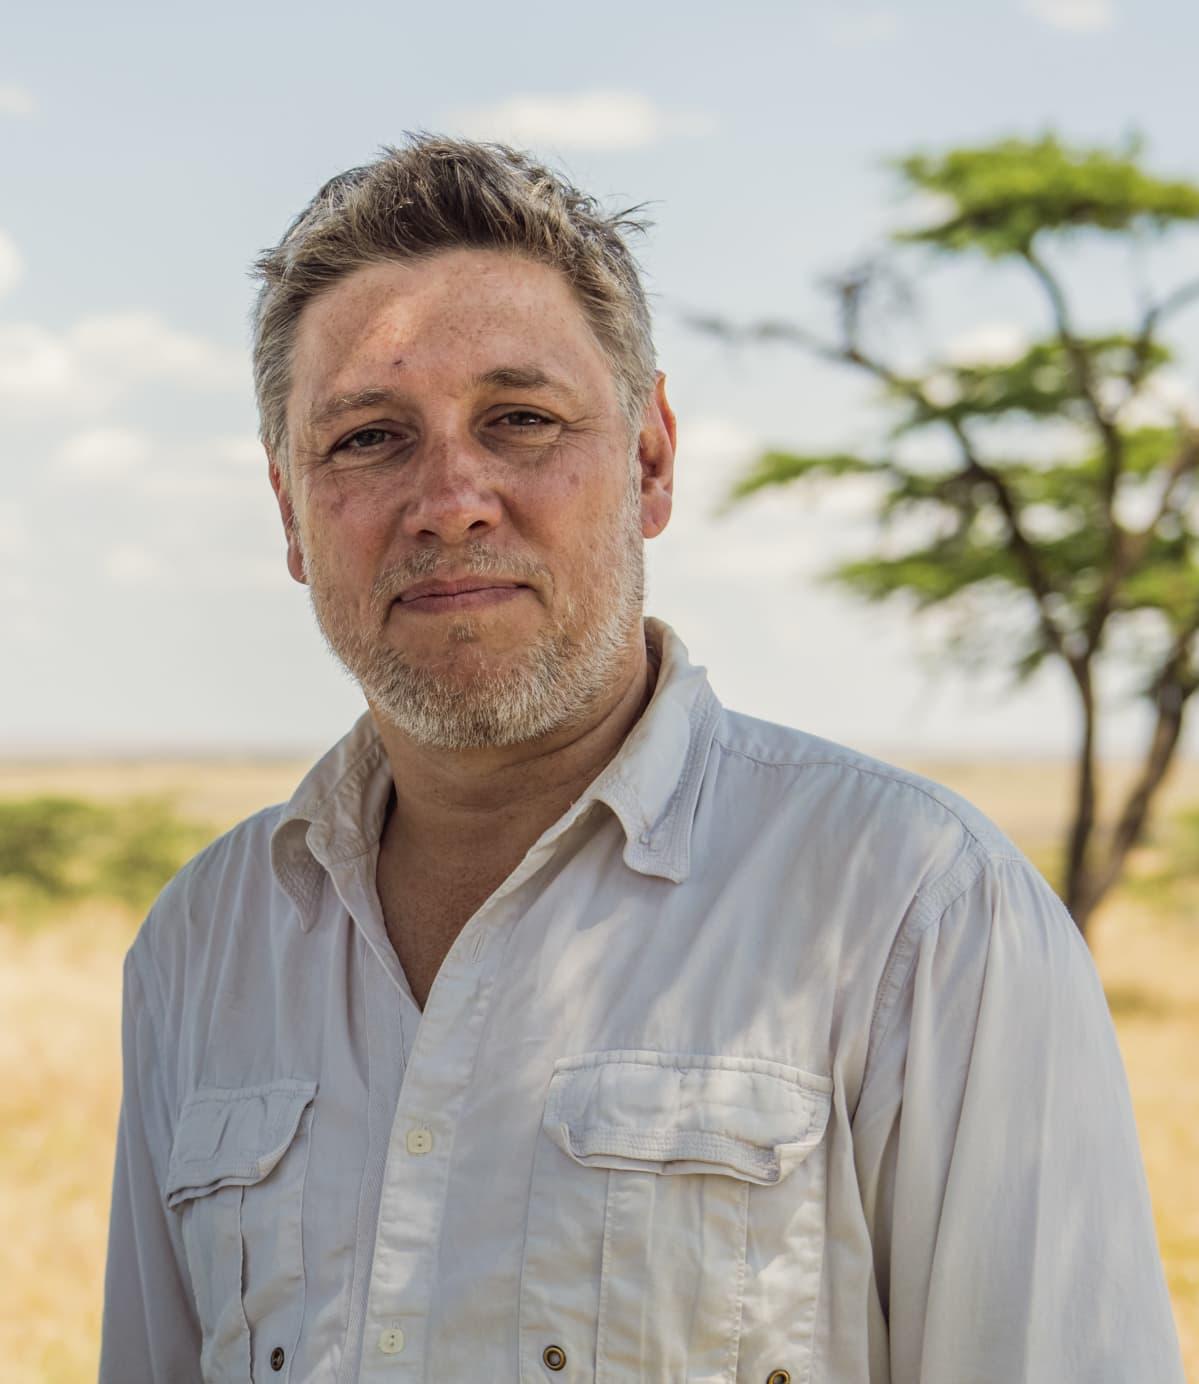 Jonnie Hughes Masai Maran luonnonsuojelualueella Keniassa 2020.